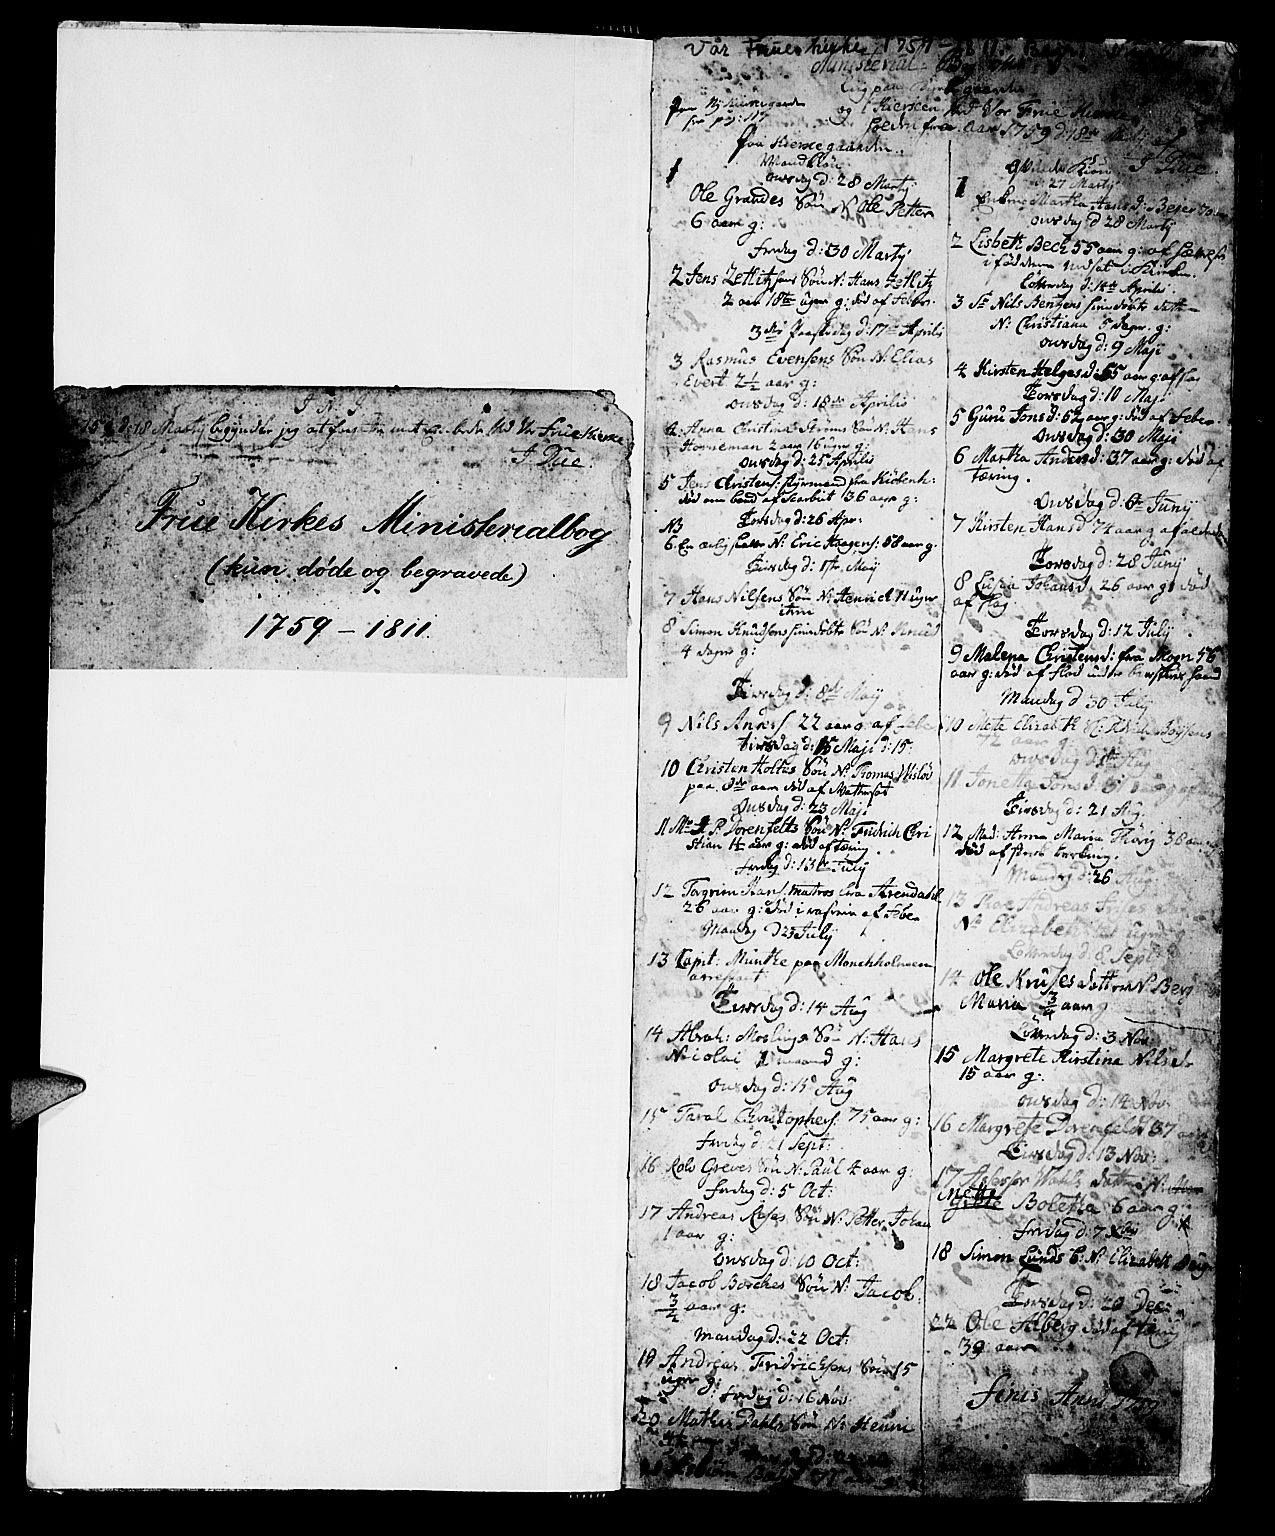 SAT, Ministerialprotokoller, klokkerbøker og fødselsregistre - Sør-Trøndelag, 602/L0134: Klokkerbok nr. 602C02, 1759-1812, s. 0-1